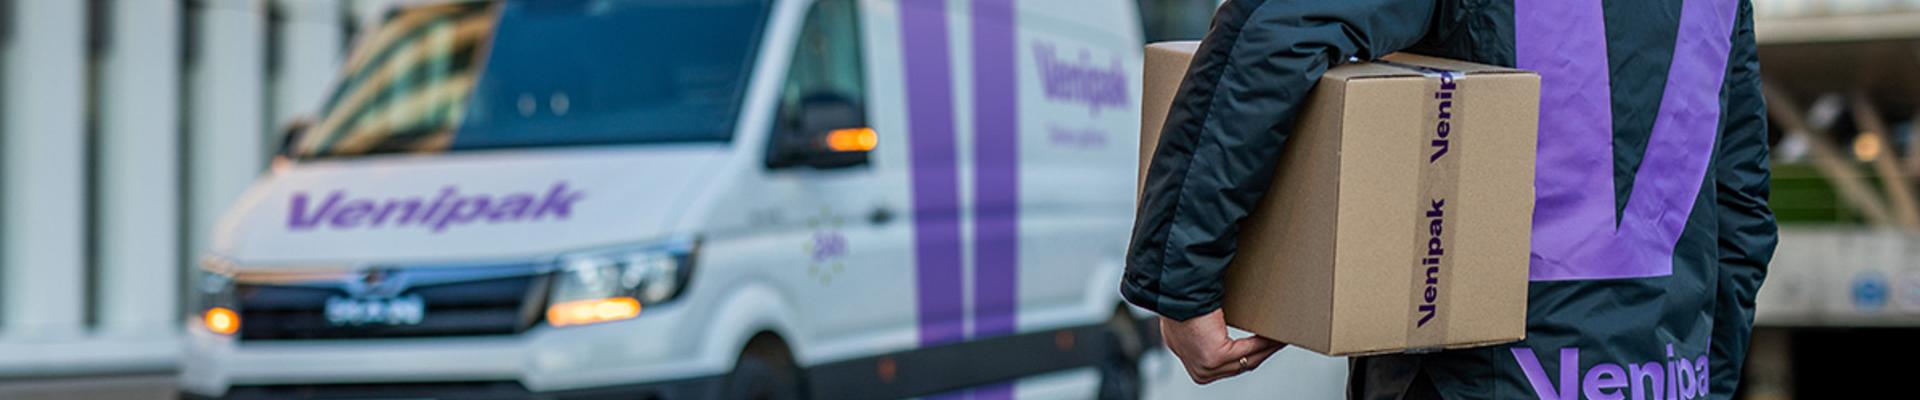 VENIPAK on rahvusvaheliste saadetiste transpordi- ja logistikateenuseid pakkuv ettevõte.